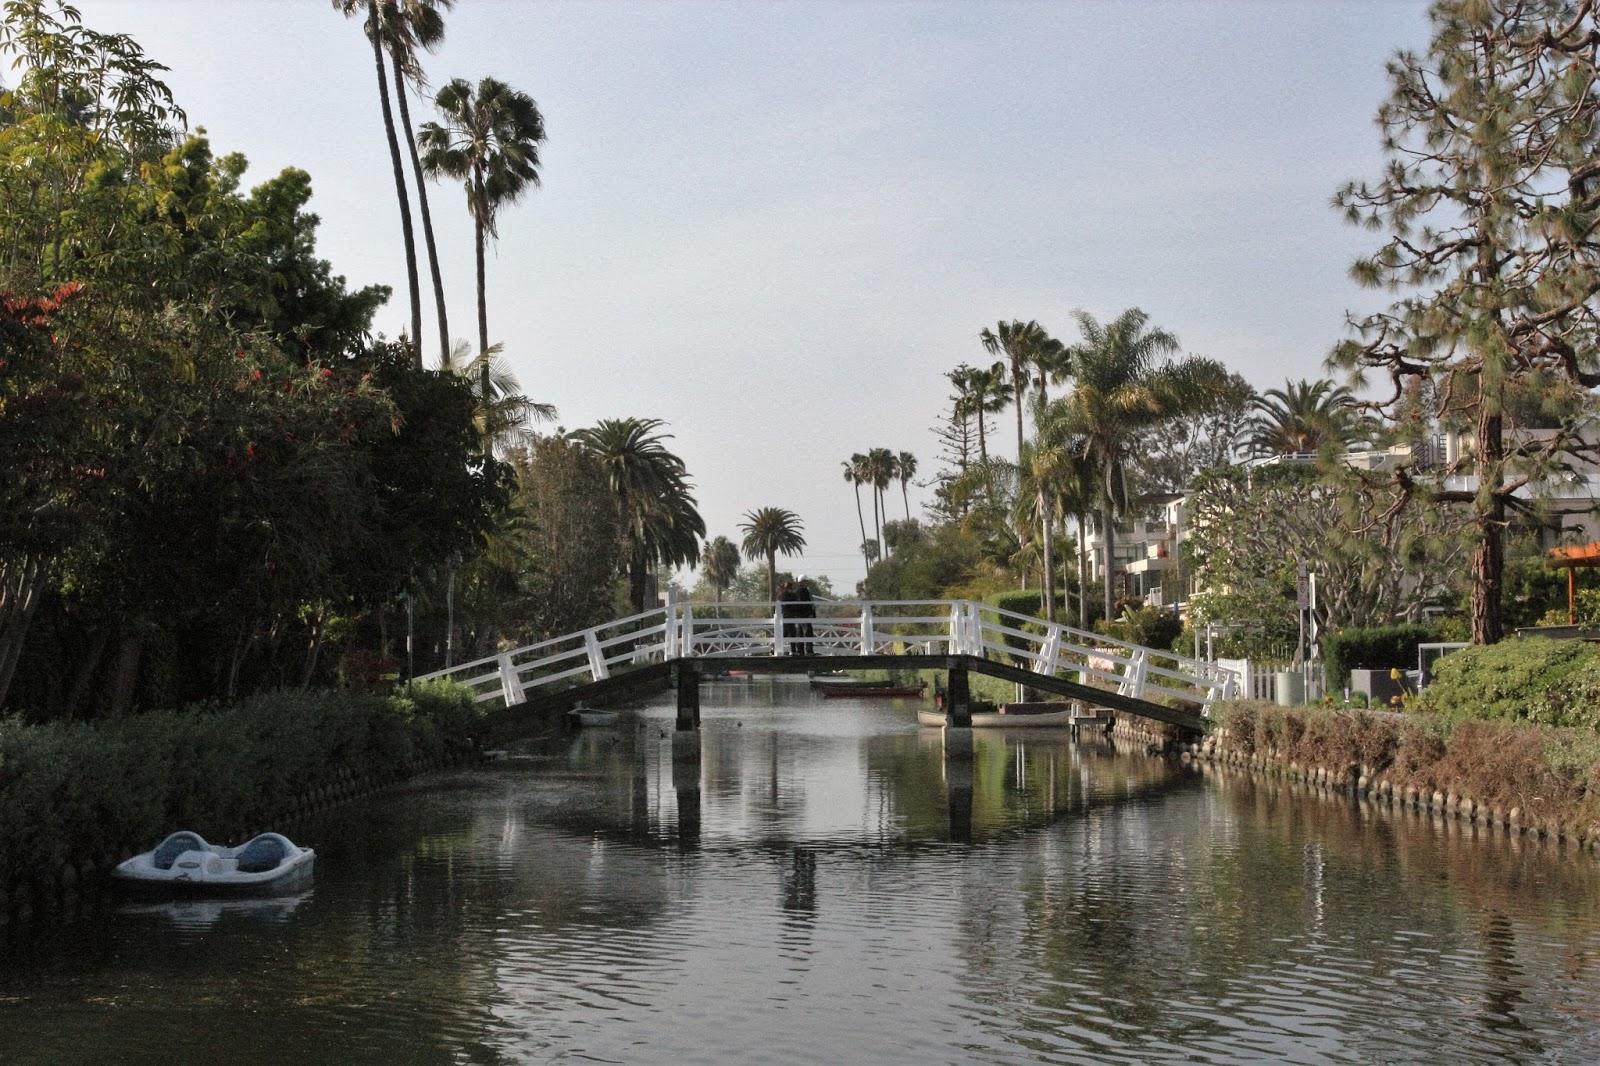 A Walk in Venice Beach